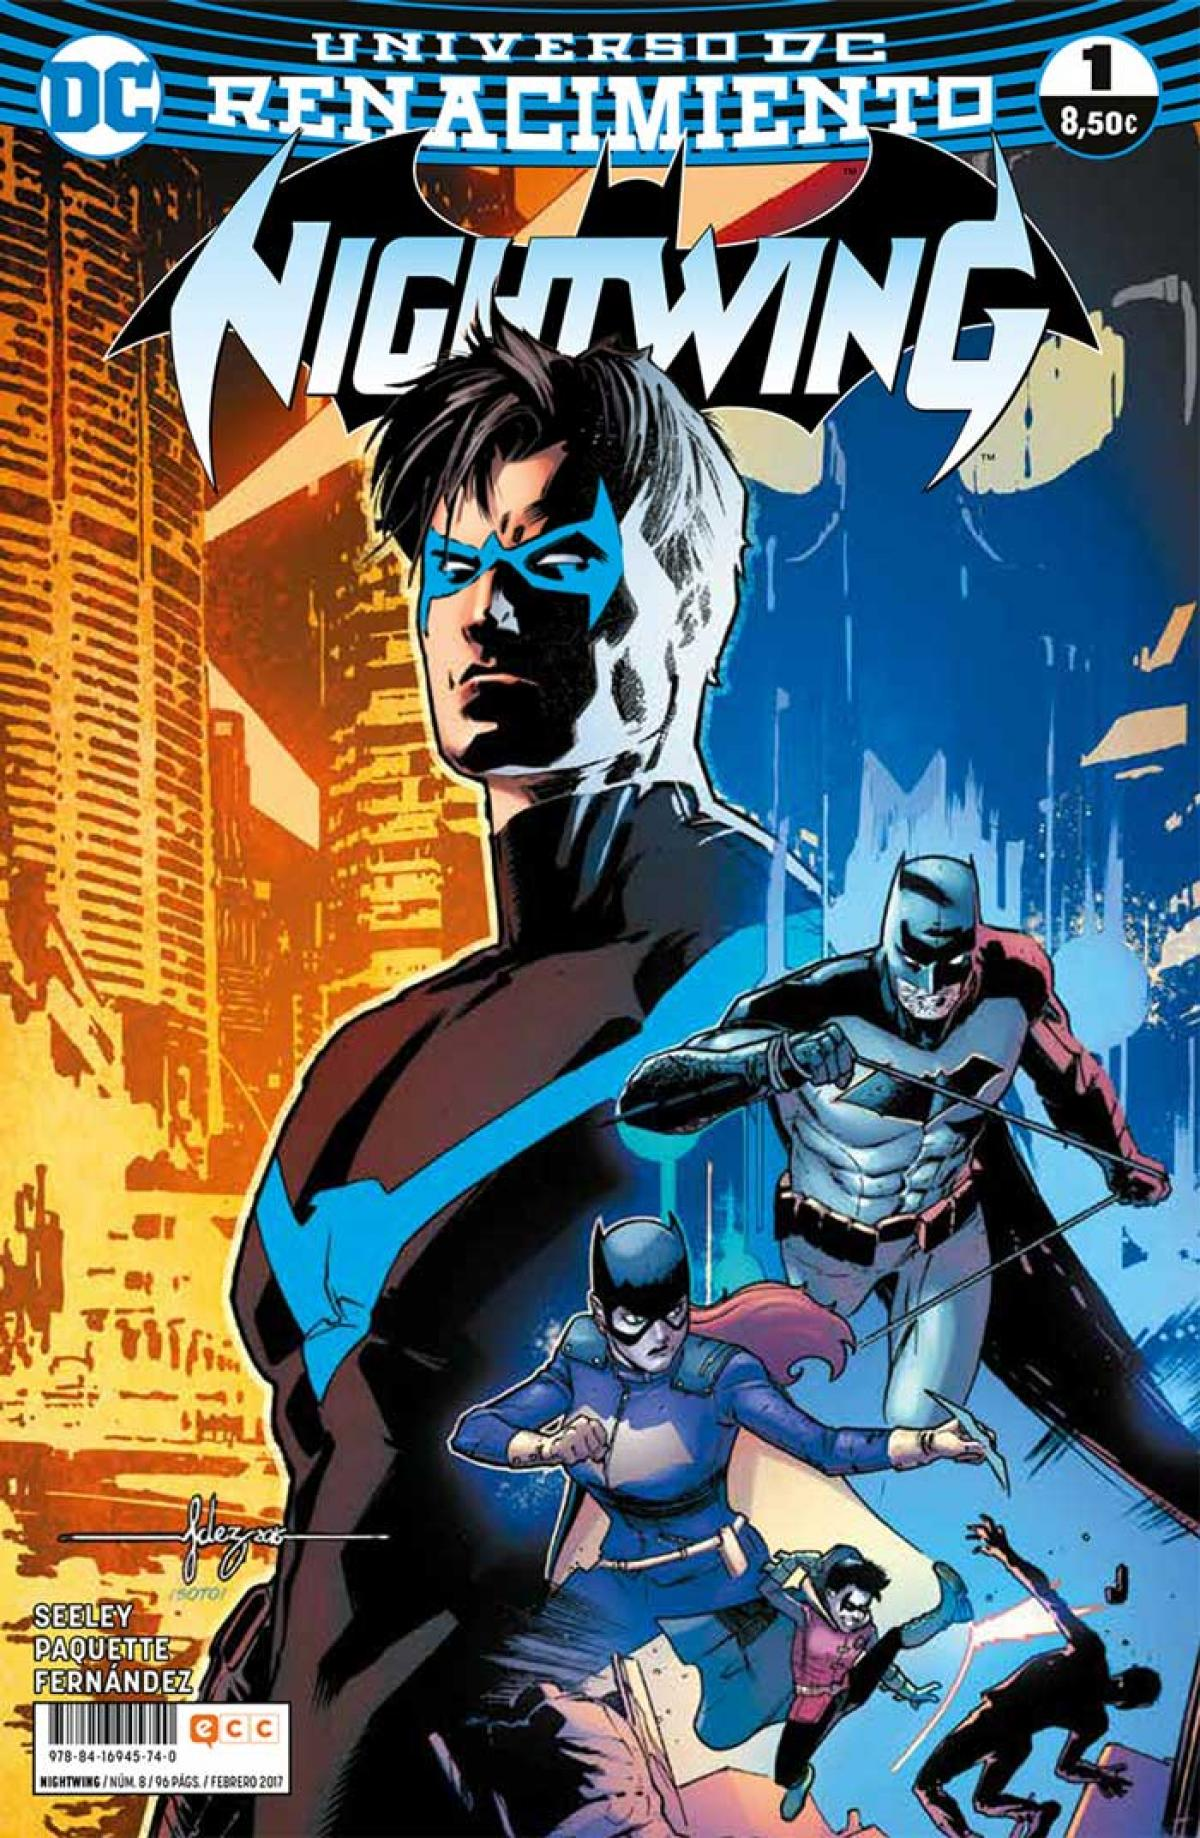 Nightwing Quién Es El Superhéroe De La Nueva Película De Warner Y Dc Hobbyconsolas Entretenimiento